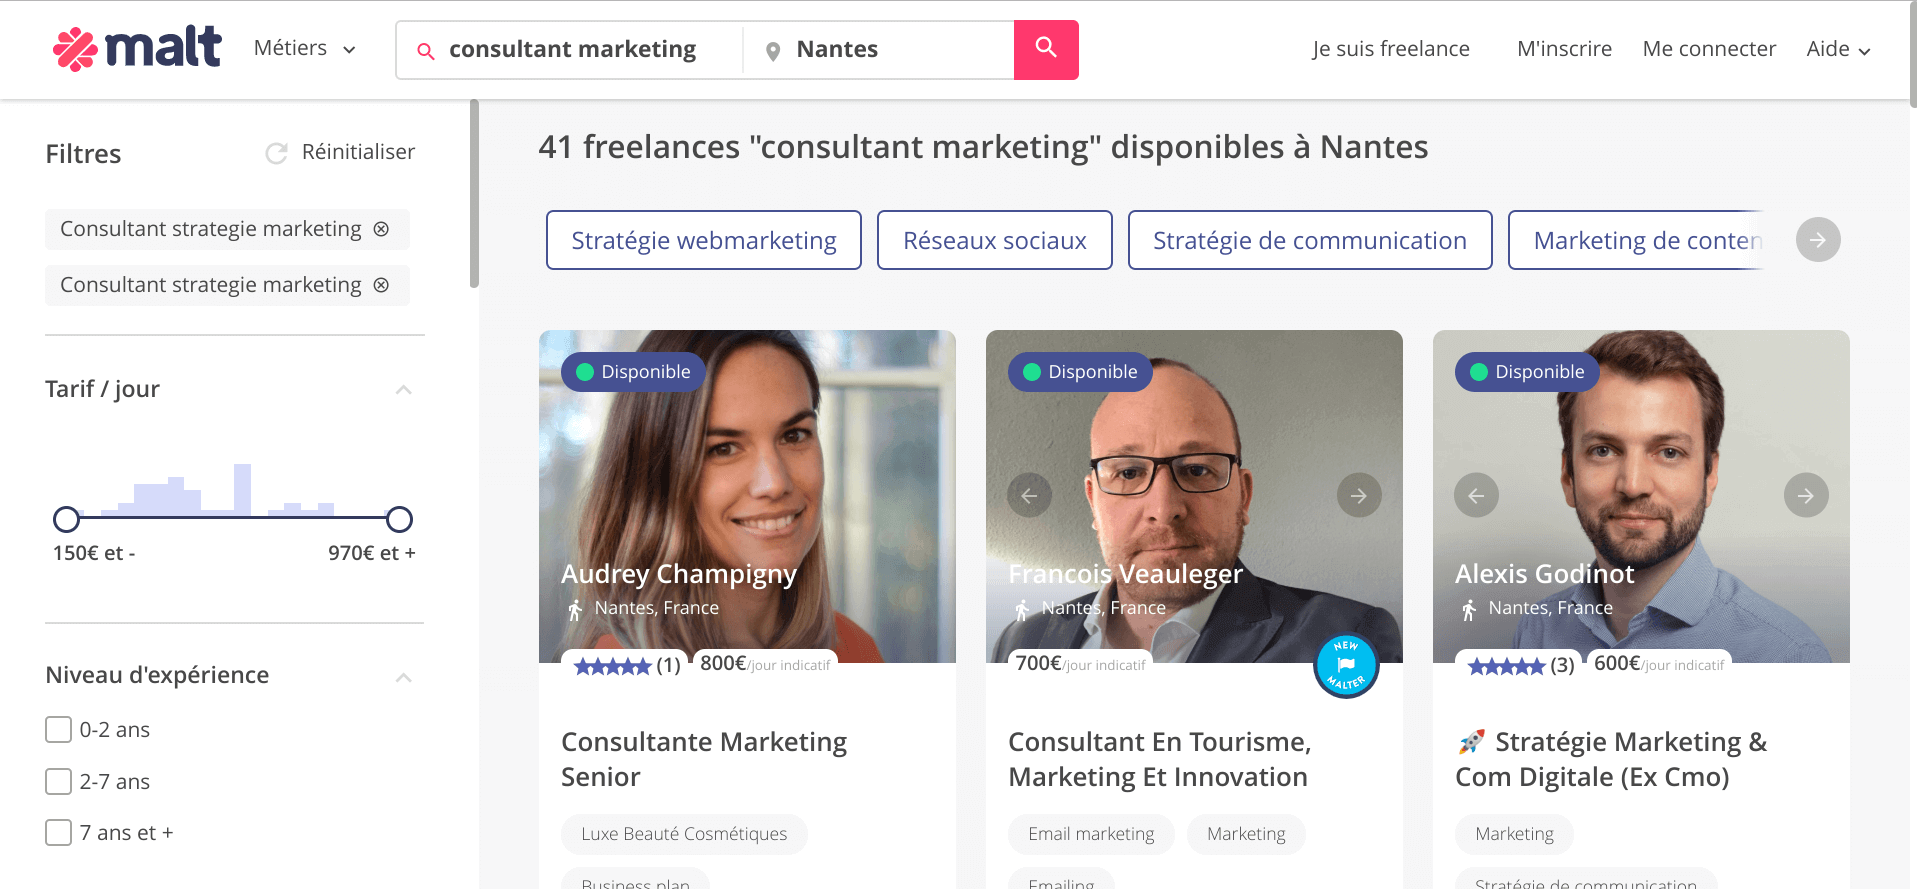 Regarder la concurrence des autres Freelances sur Malt